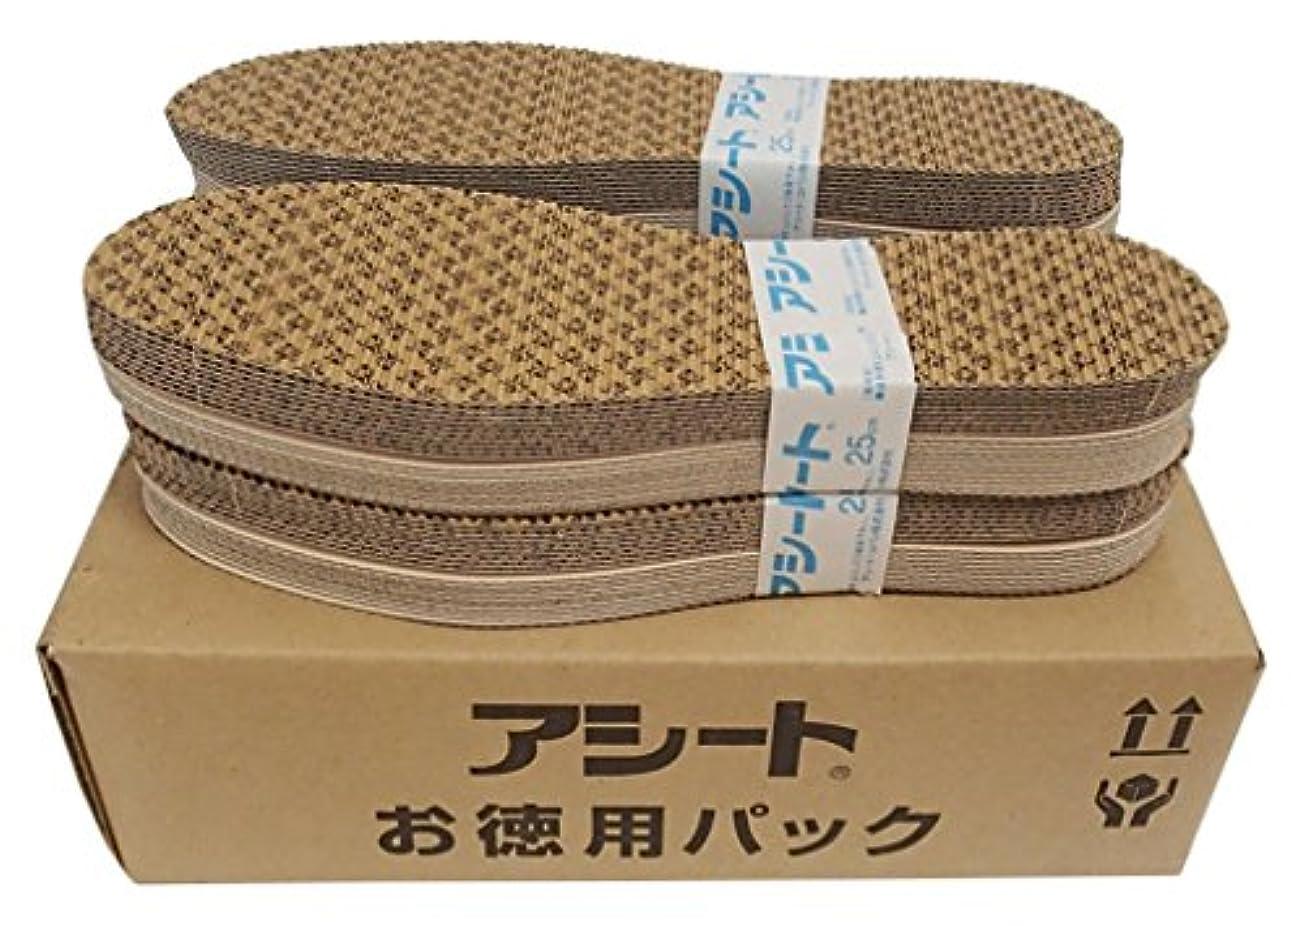 代替顎お徳用タイプのアシートOタイプ40足入 (26.5~27cm 男性靴用)